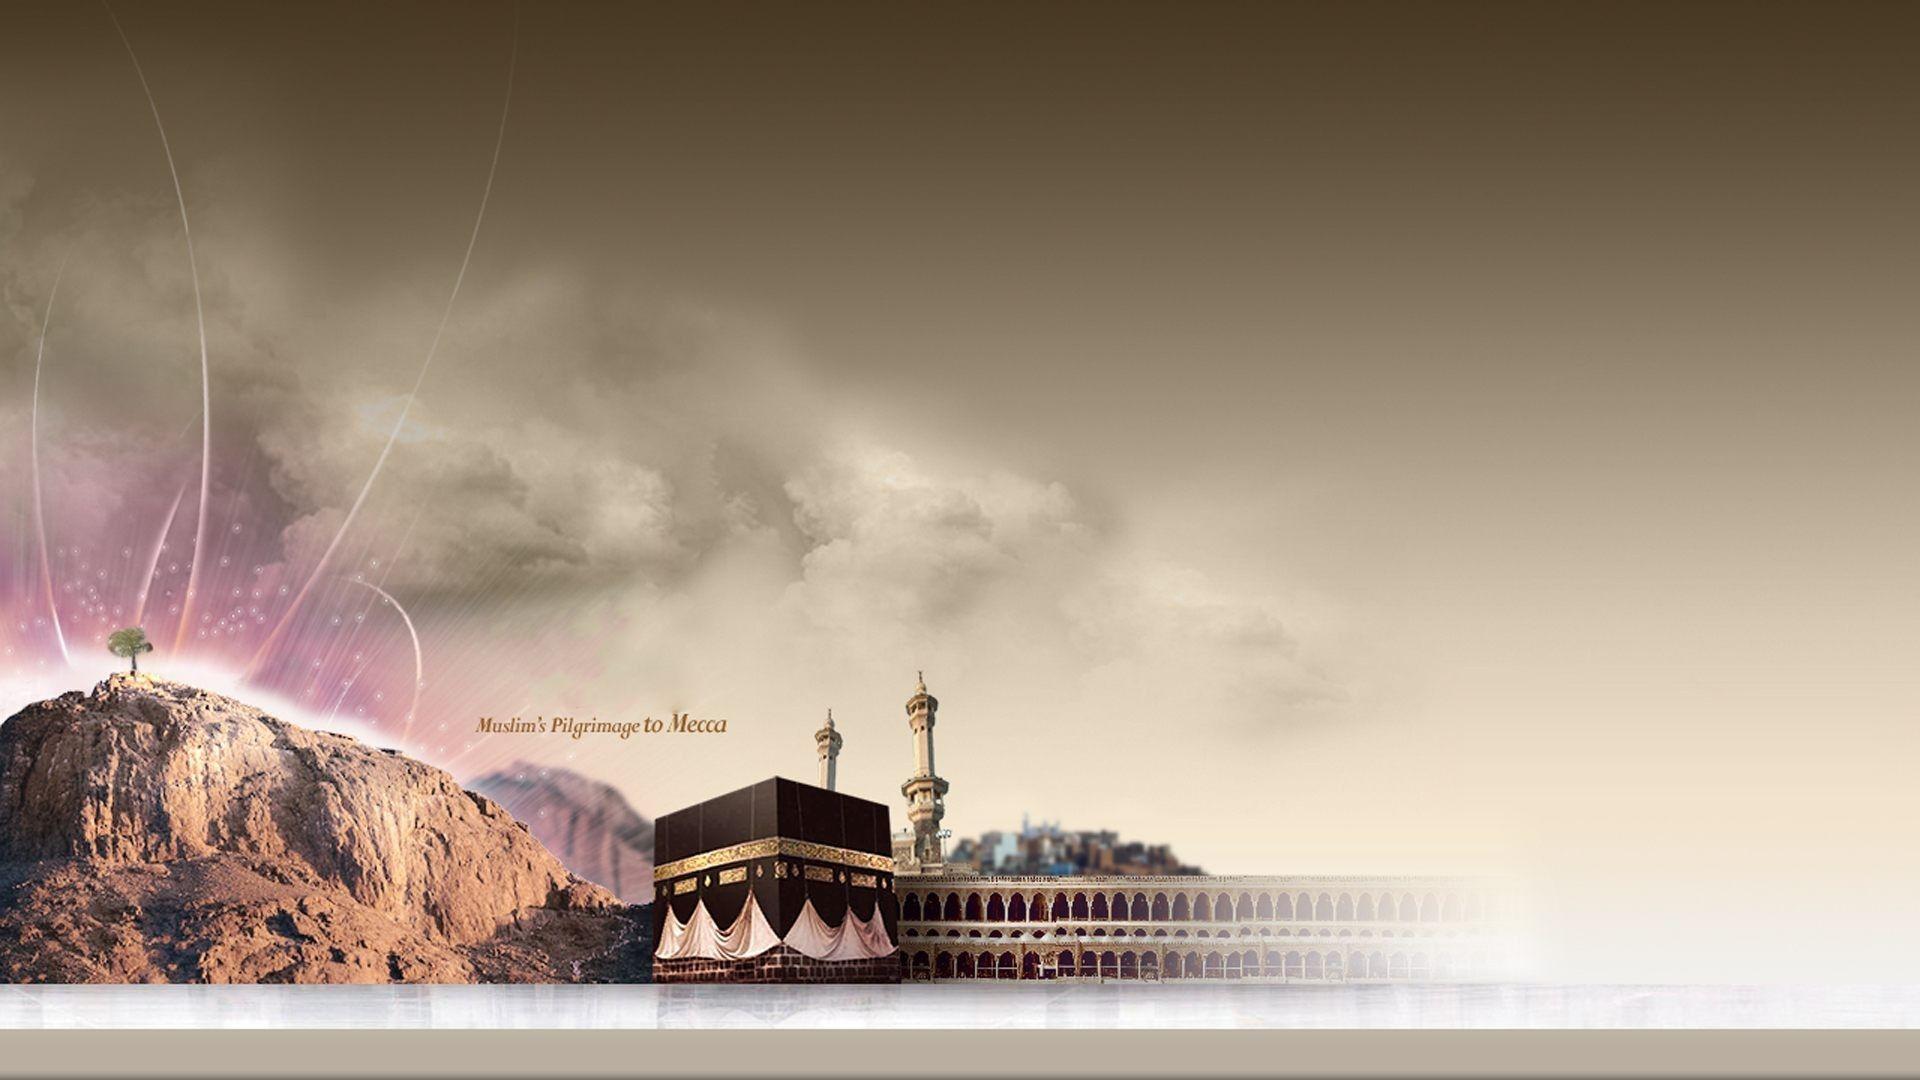 full HD Muslims Hajj Pilgrimage Mecca Desktop wallpaper download 1920x1080